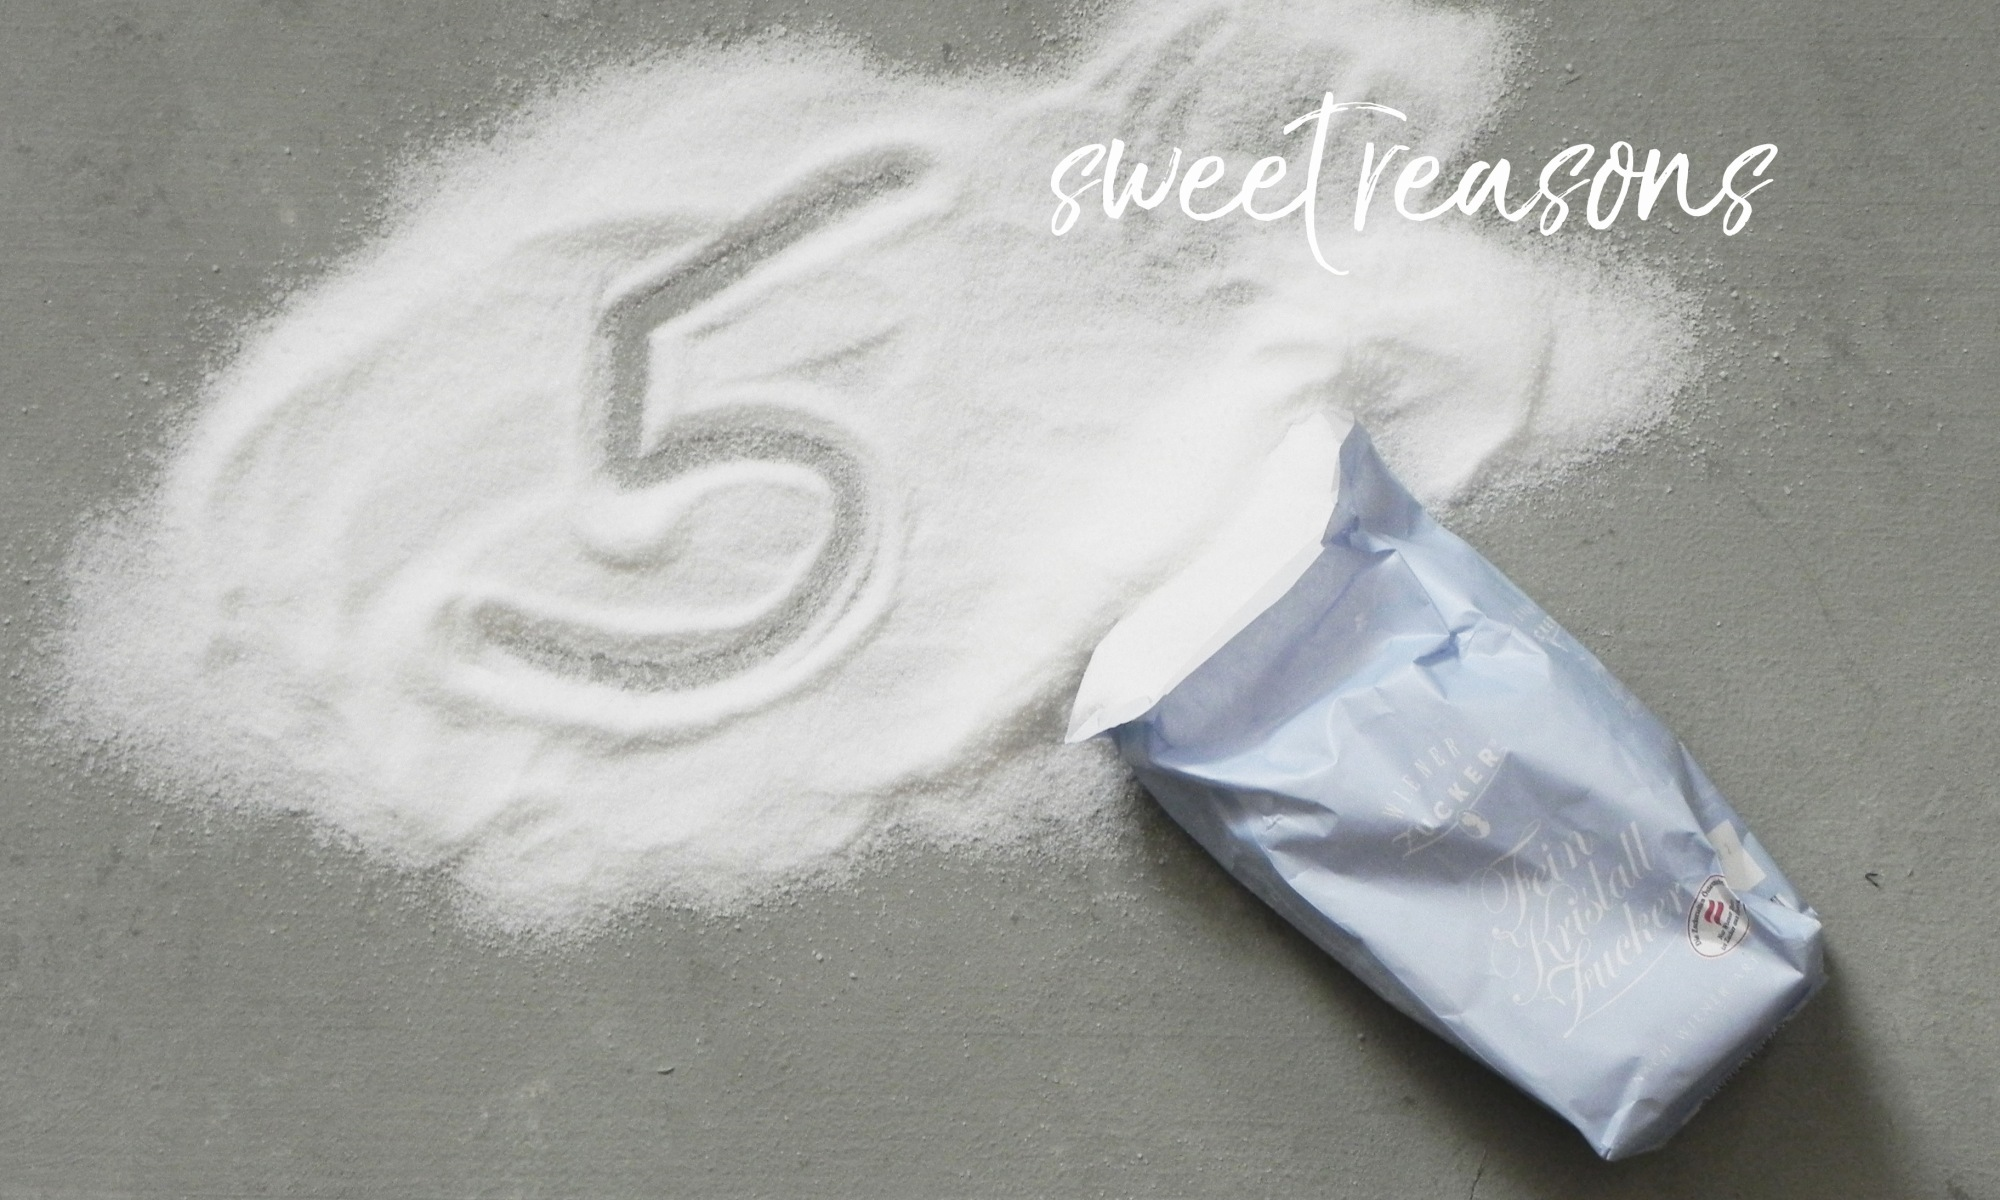 5 Sweet Reasons